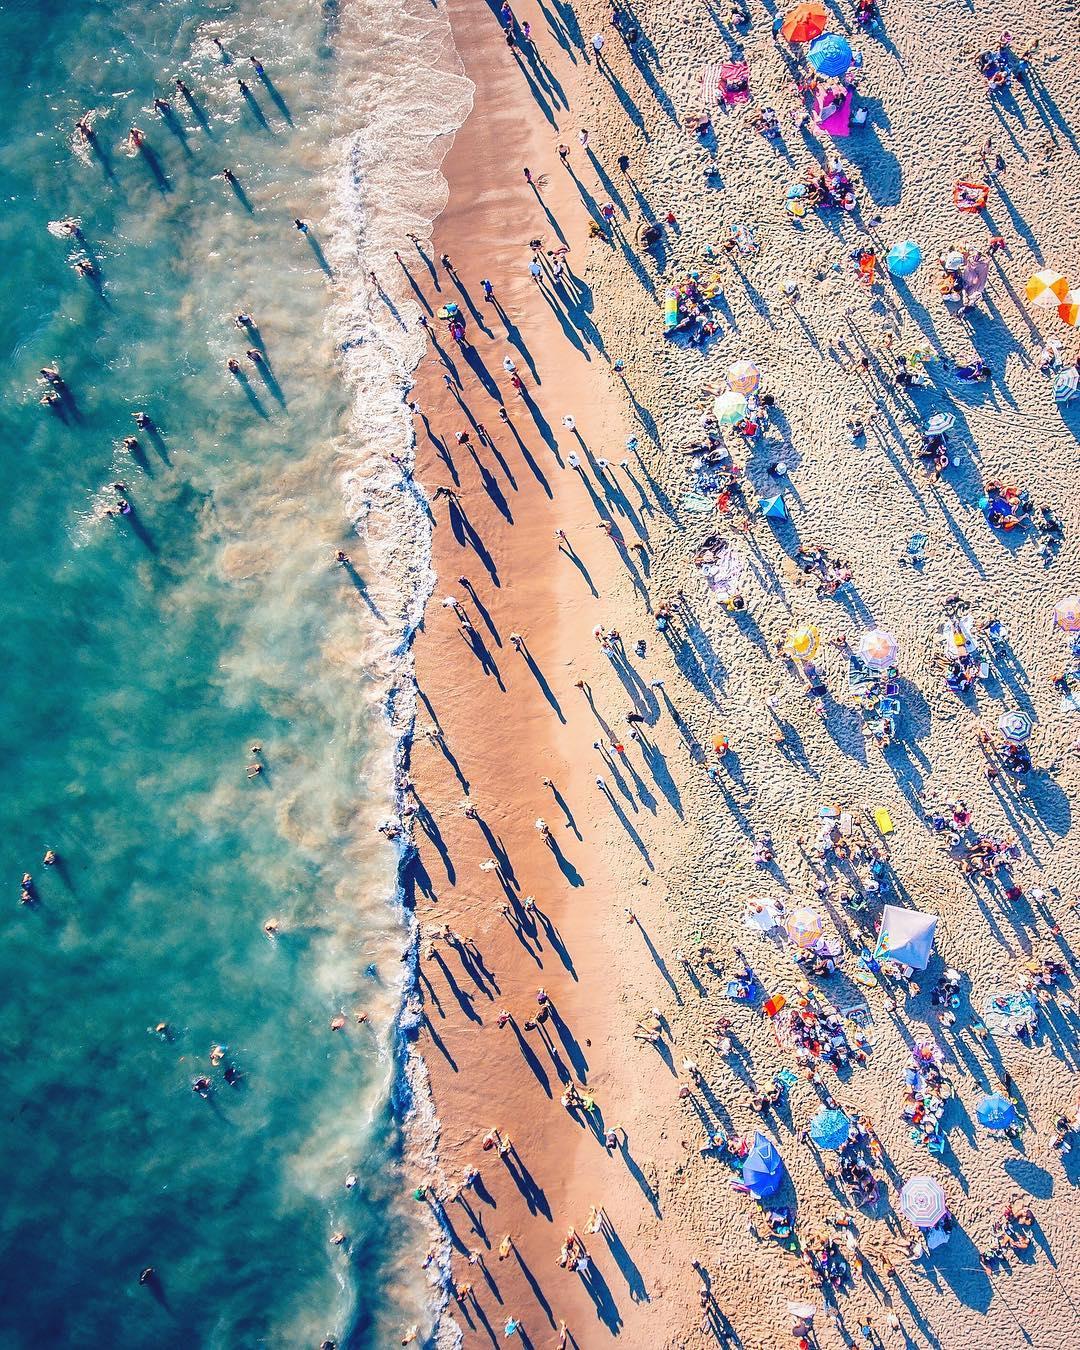 Imagens aéreas de paisagens vibrantes do fotógrafo Niaz Uddin 08